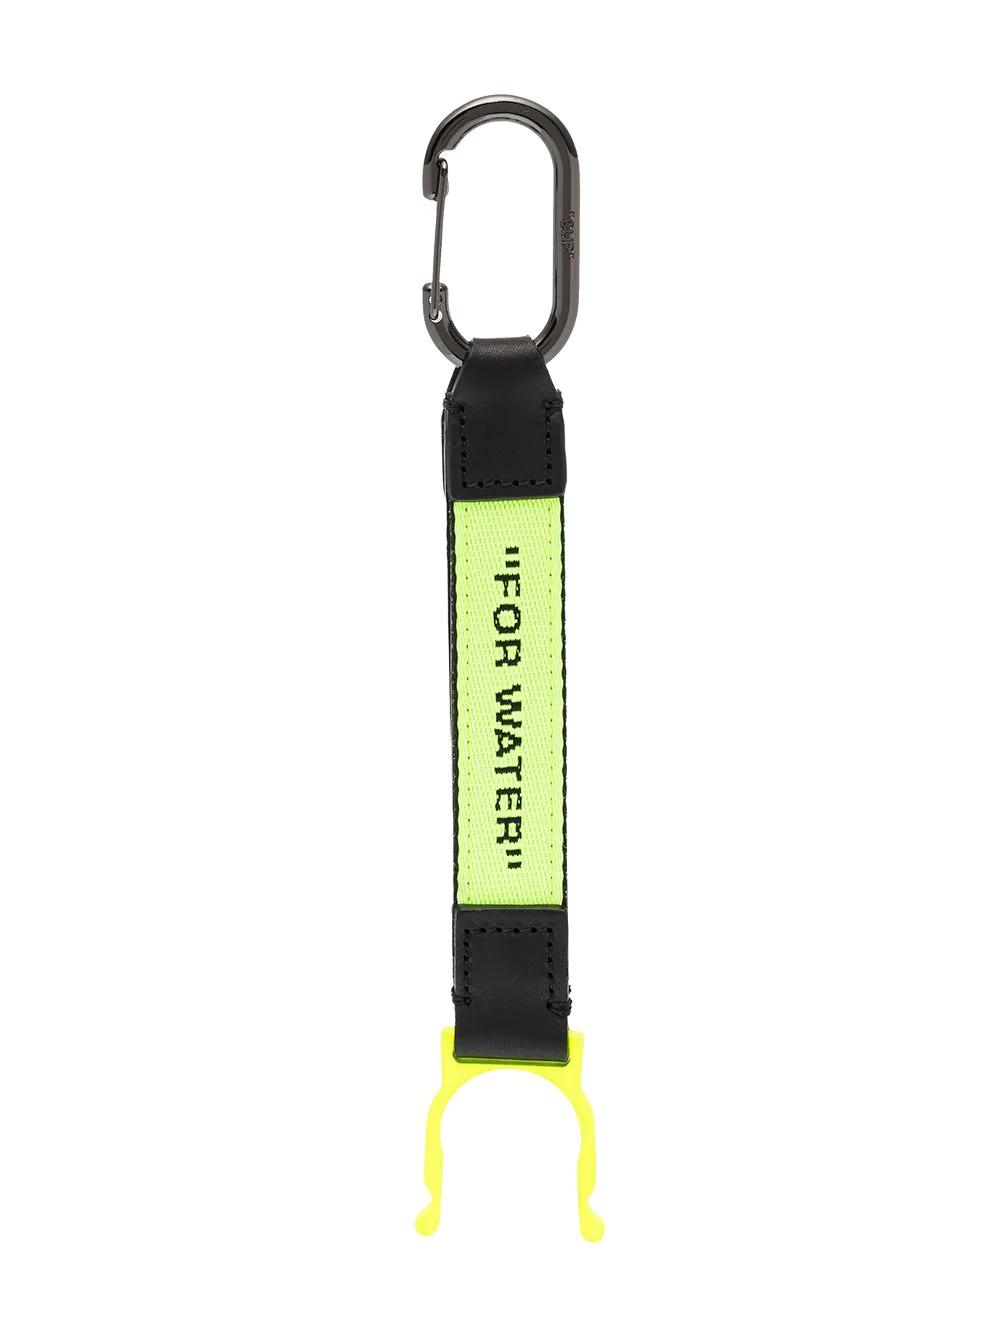 off-white bottle holder keyring